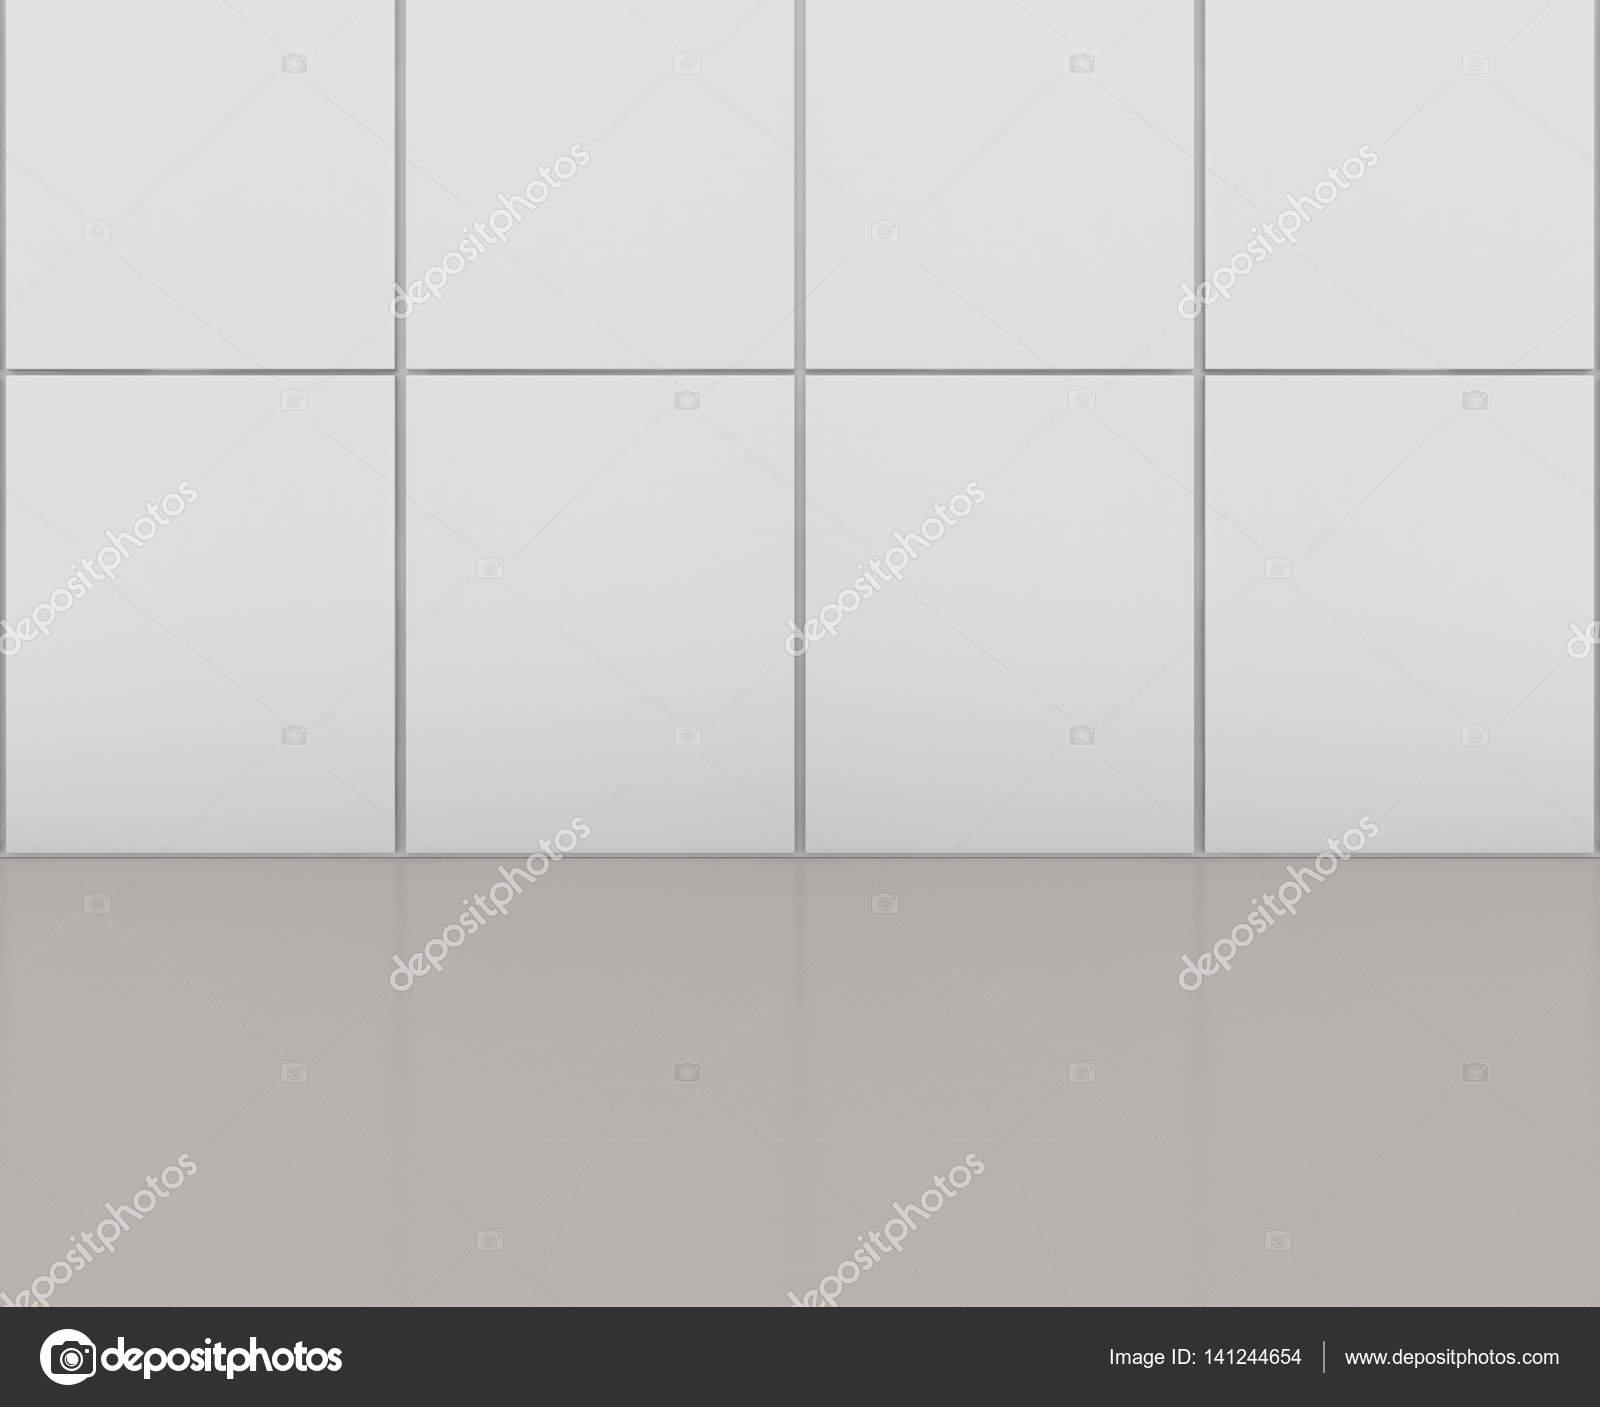 Weiße Fliesen Boden Und WandHintergrundrendering Stockfoto - Weiße fliesen verfugen